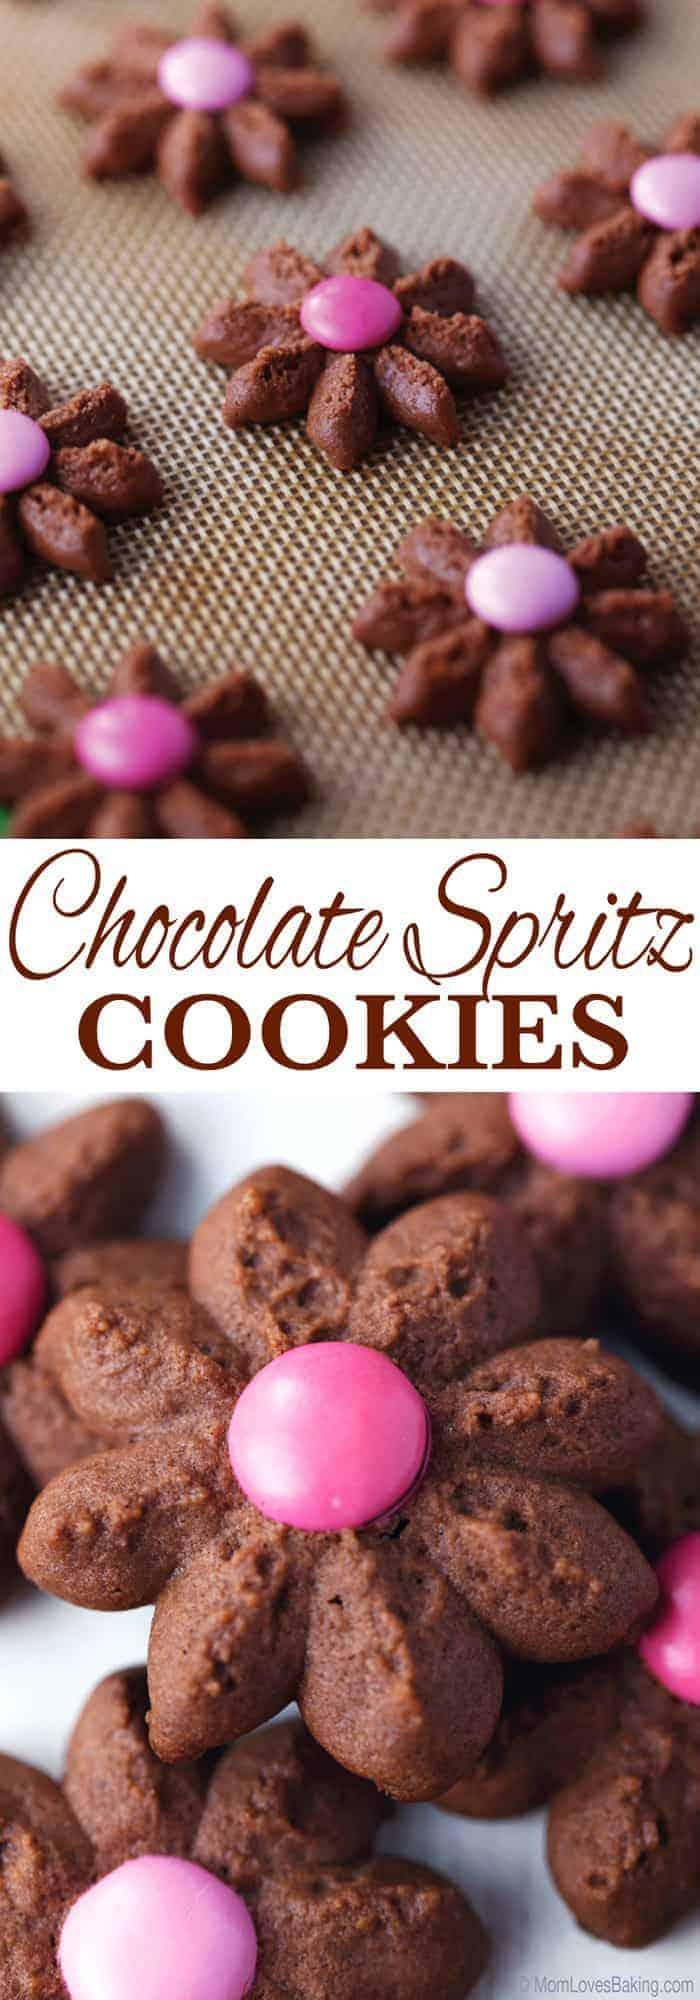 chocolate spritz cookies - photo #31